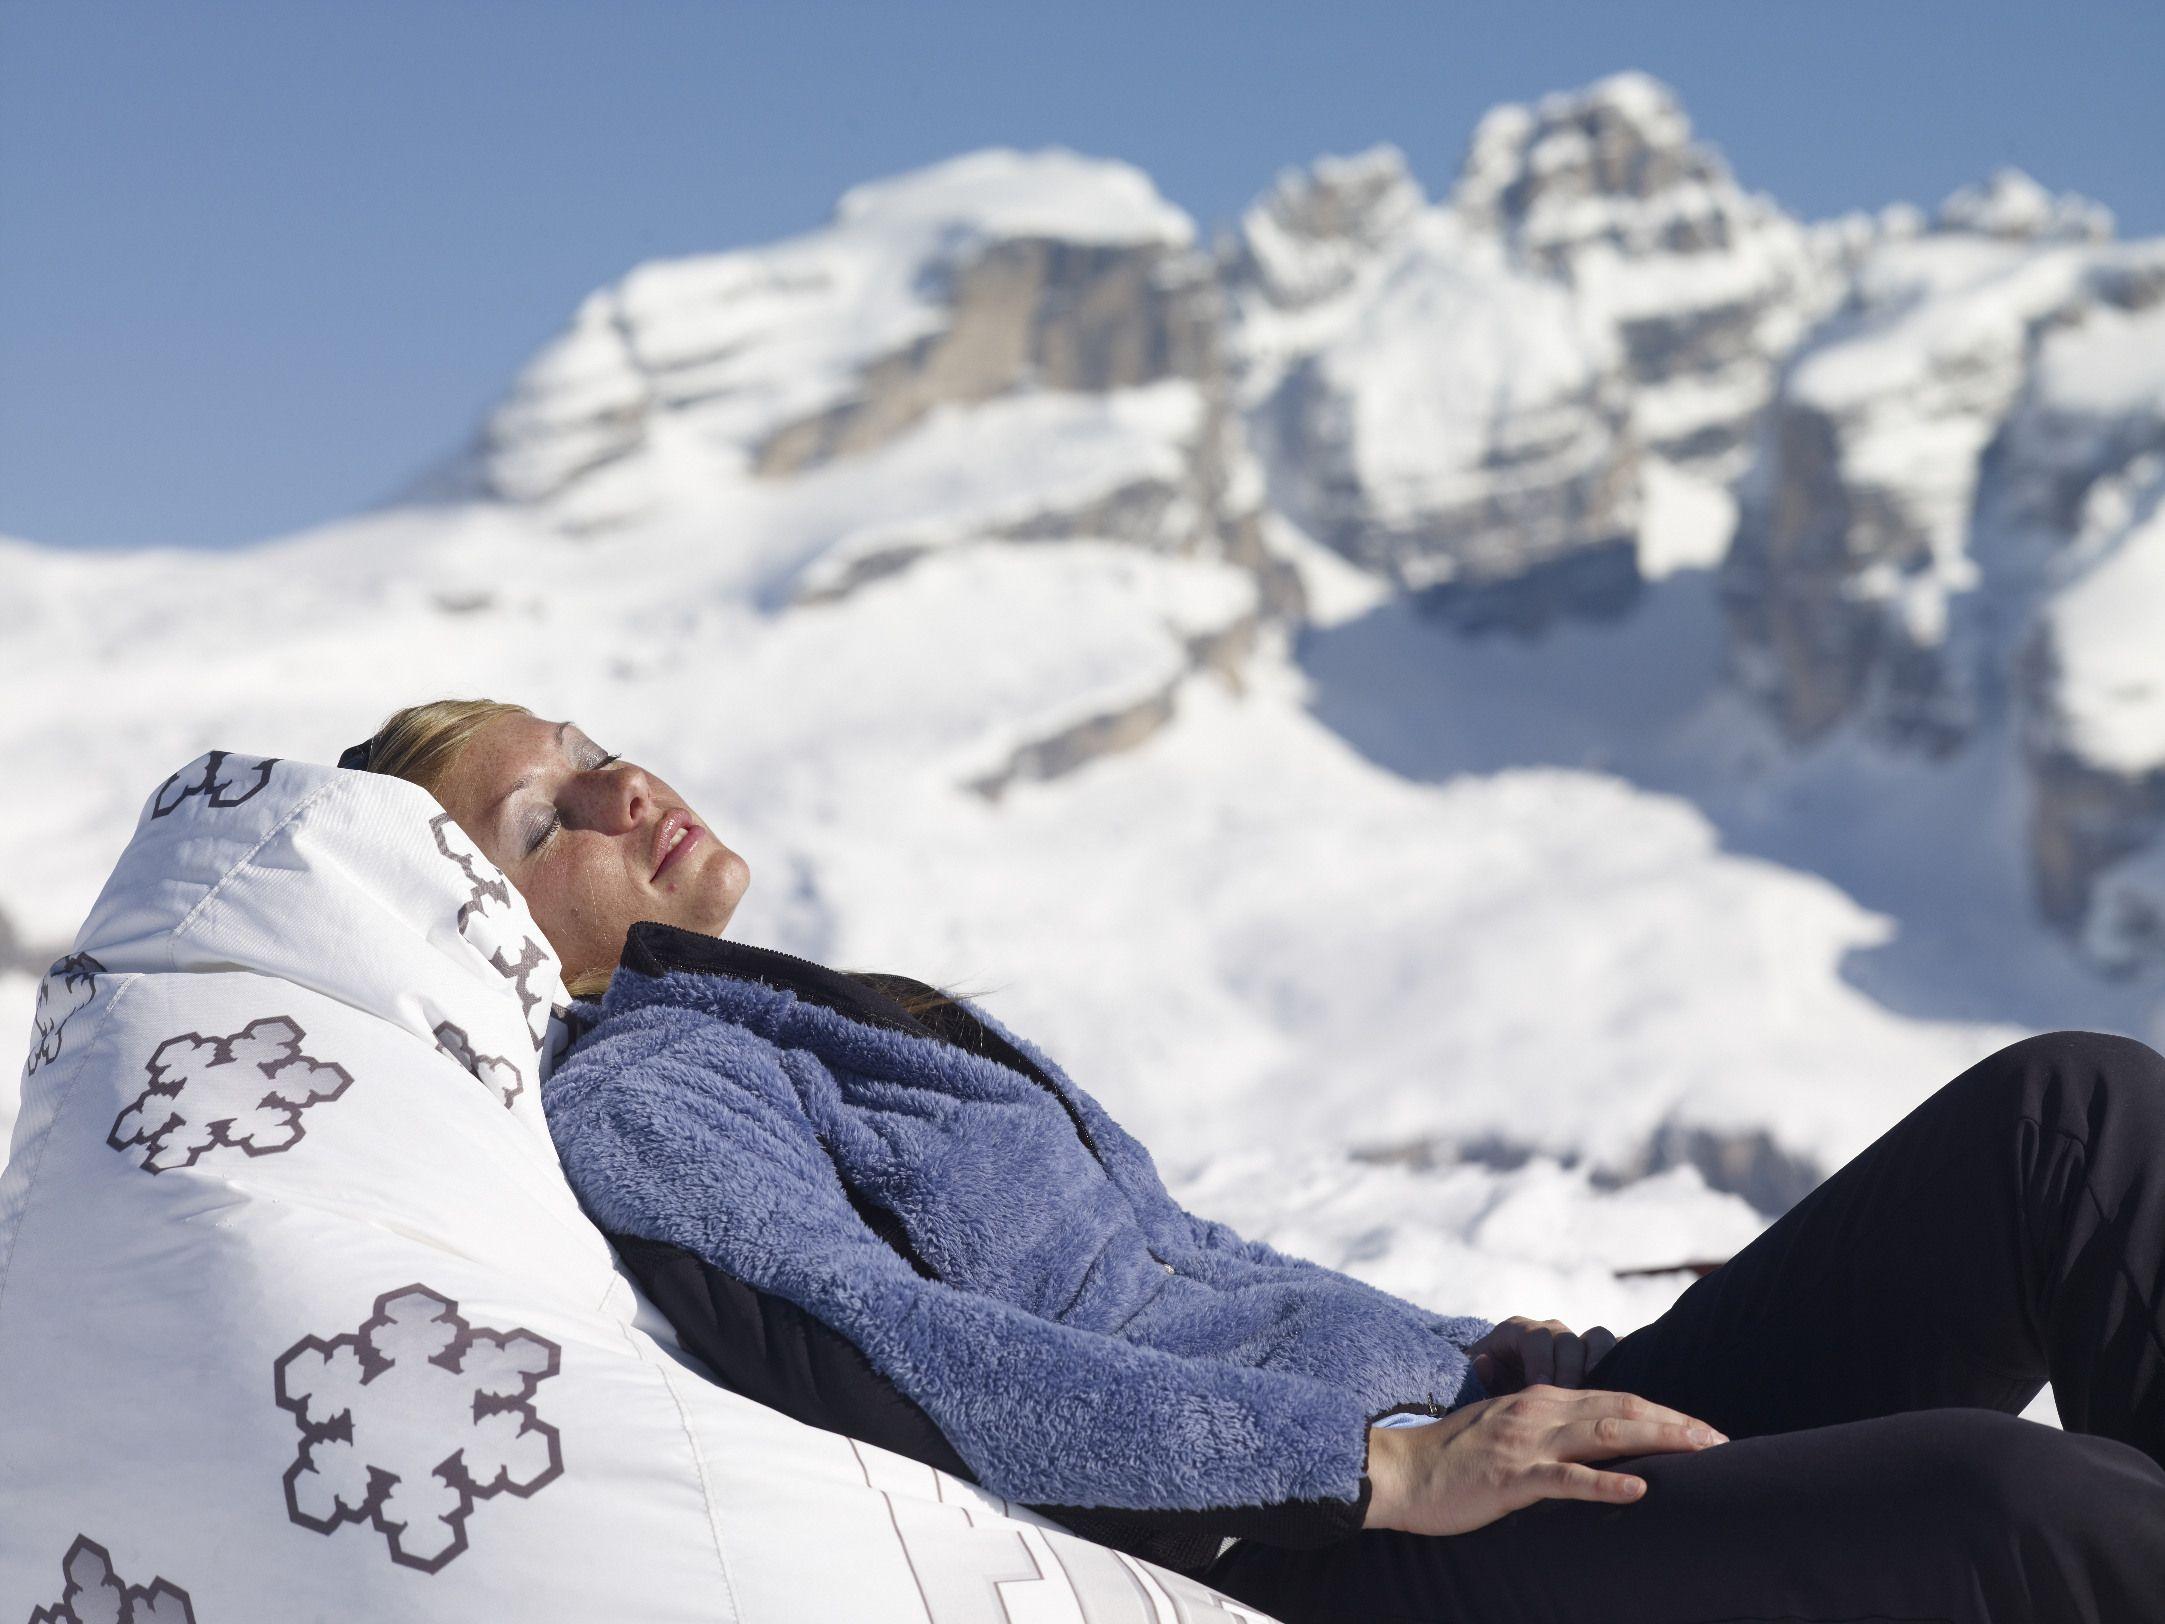 Relax on the snow in the Dolomites - Madonna di Campiglio www.campigliodolomiti.it